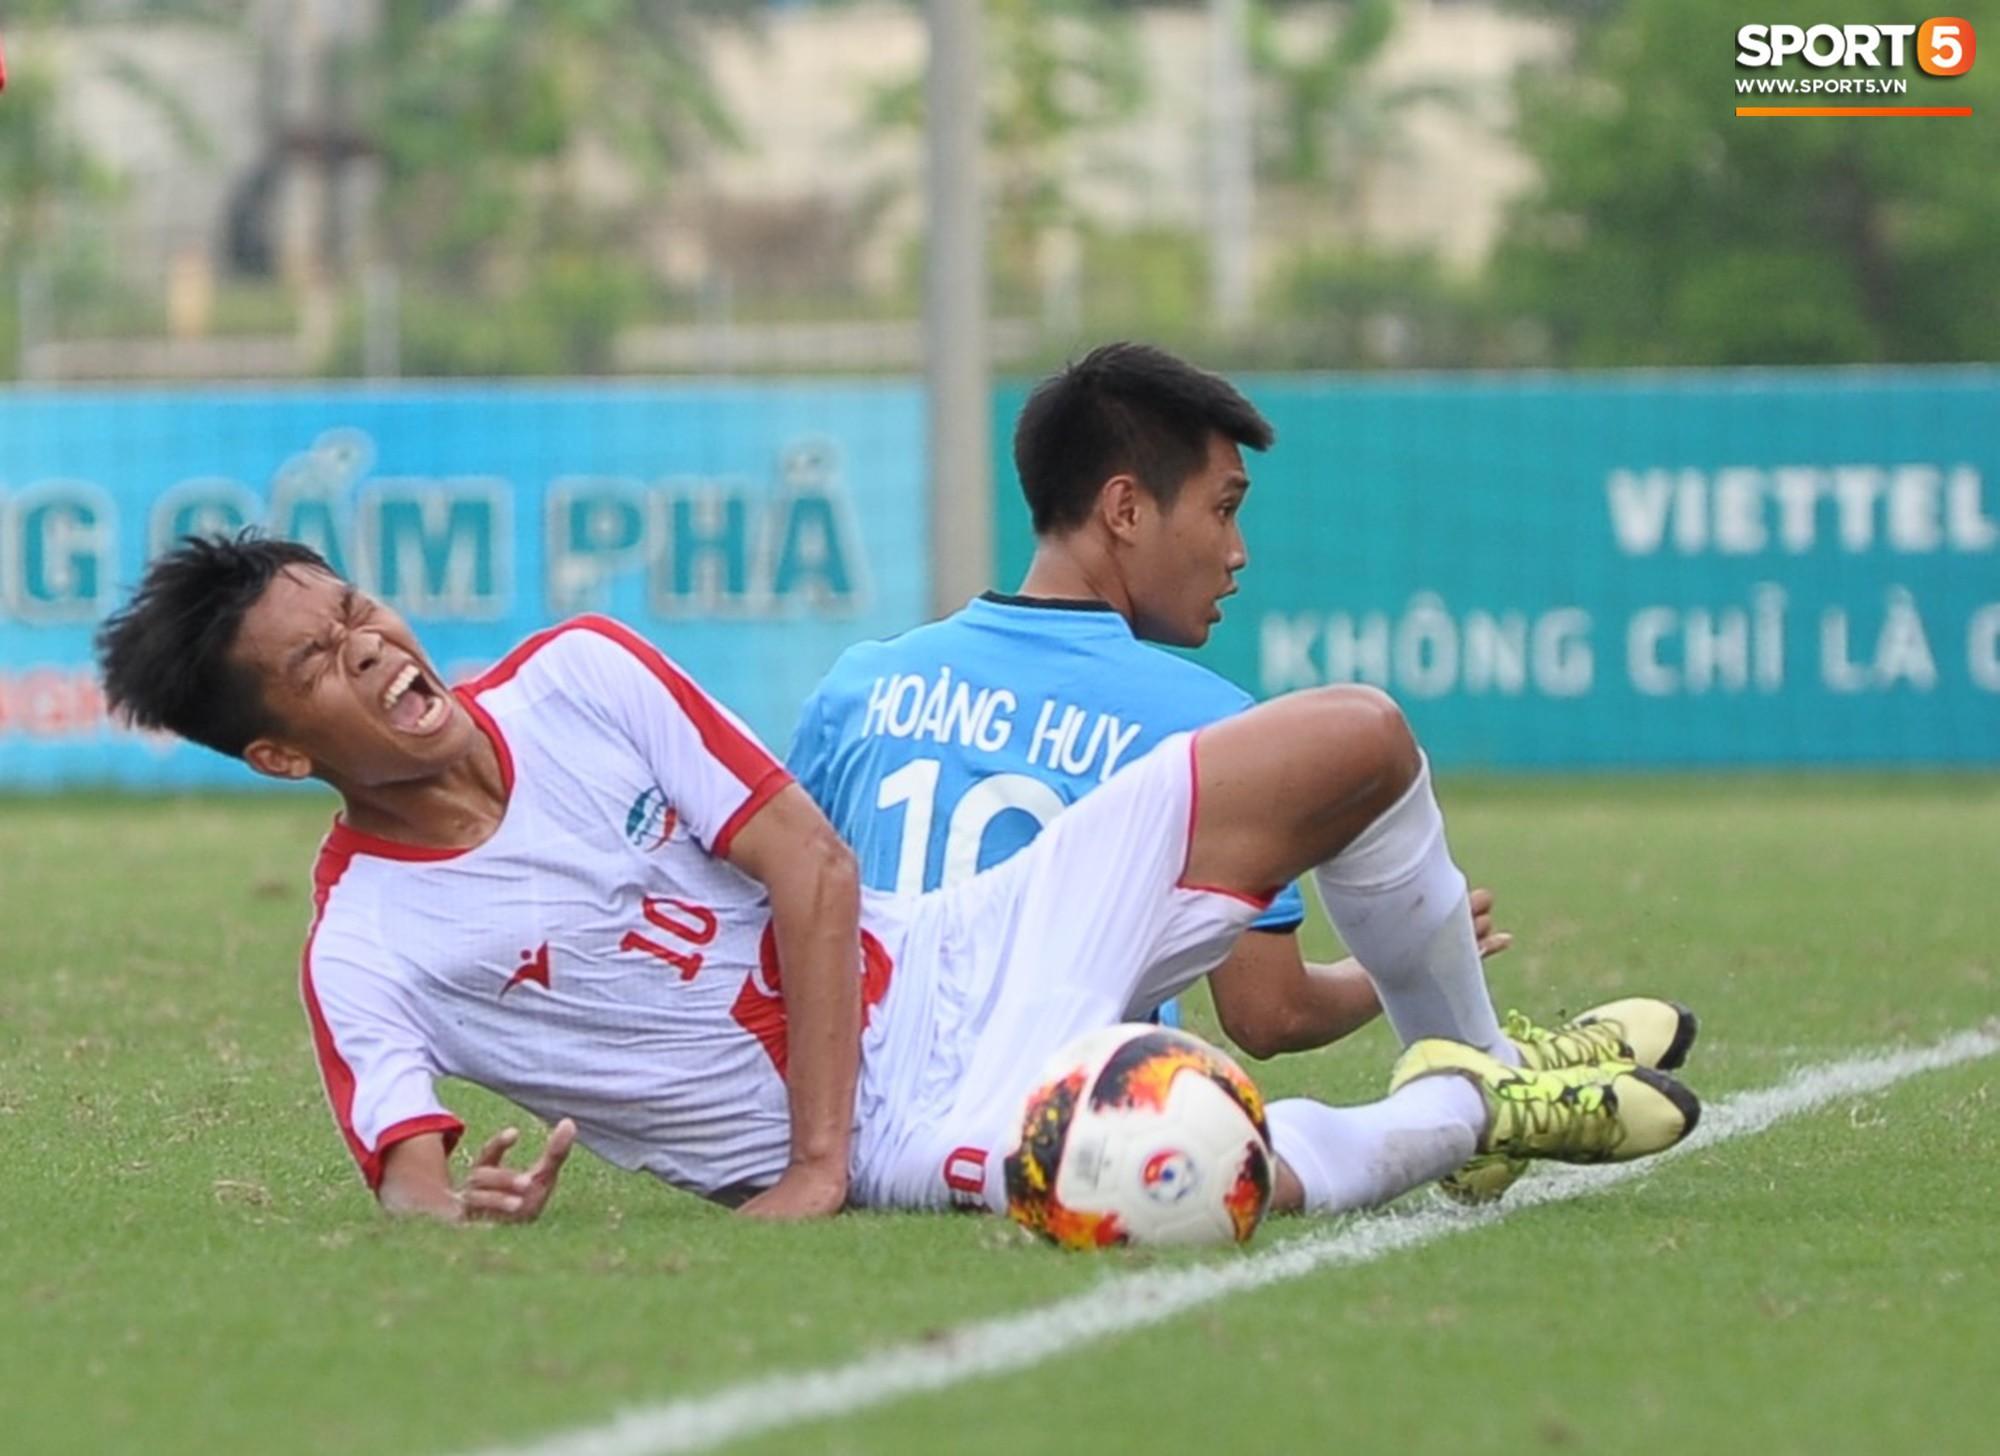 Sao trẻ U23 lập công, Viettel để Phố Hiến cầm hòa 1-1 trong ngày khai mạc giải U21 Quốc gia - Ảnh 11.